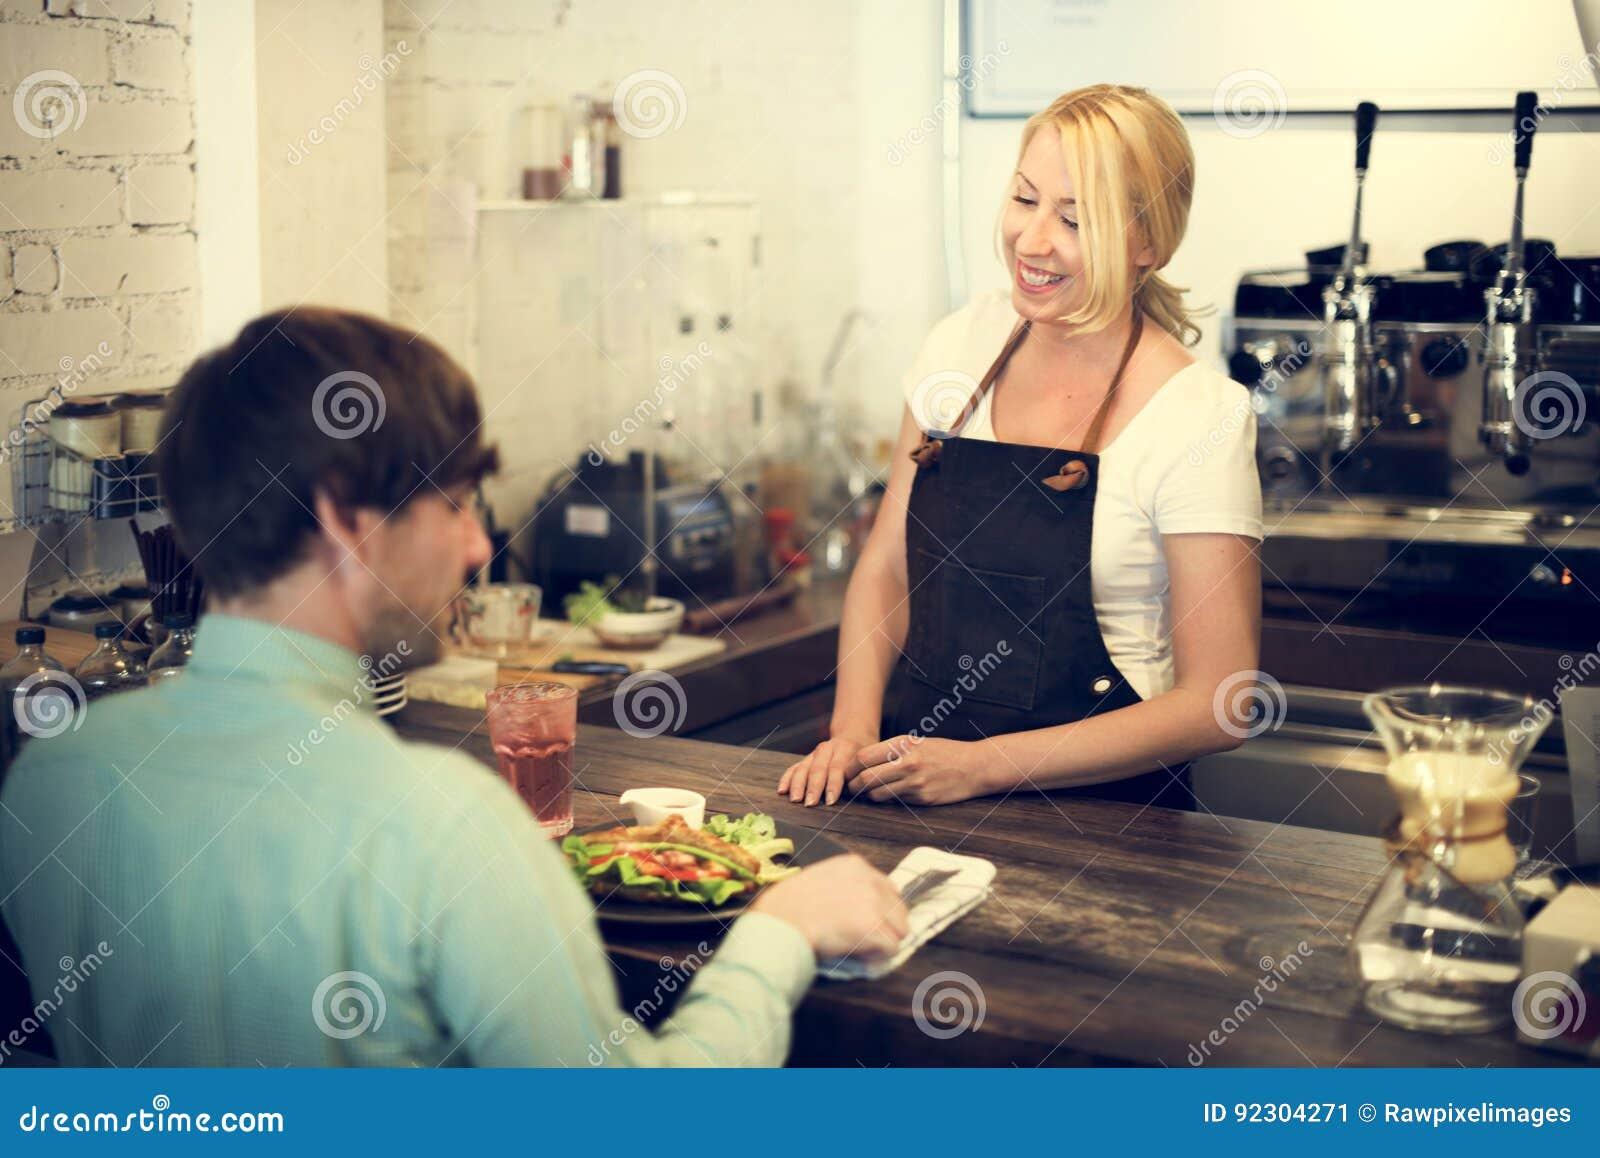 Café-Kaffee-Kellner-Staff Serving Cafeteria-Schutzblech-Konzept